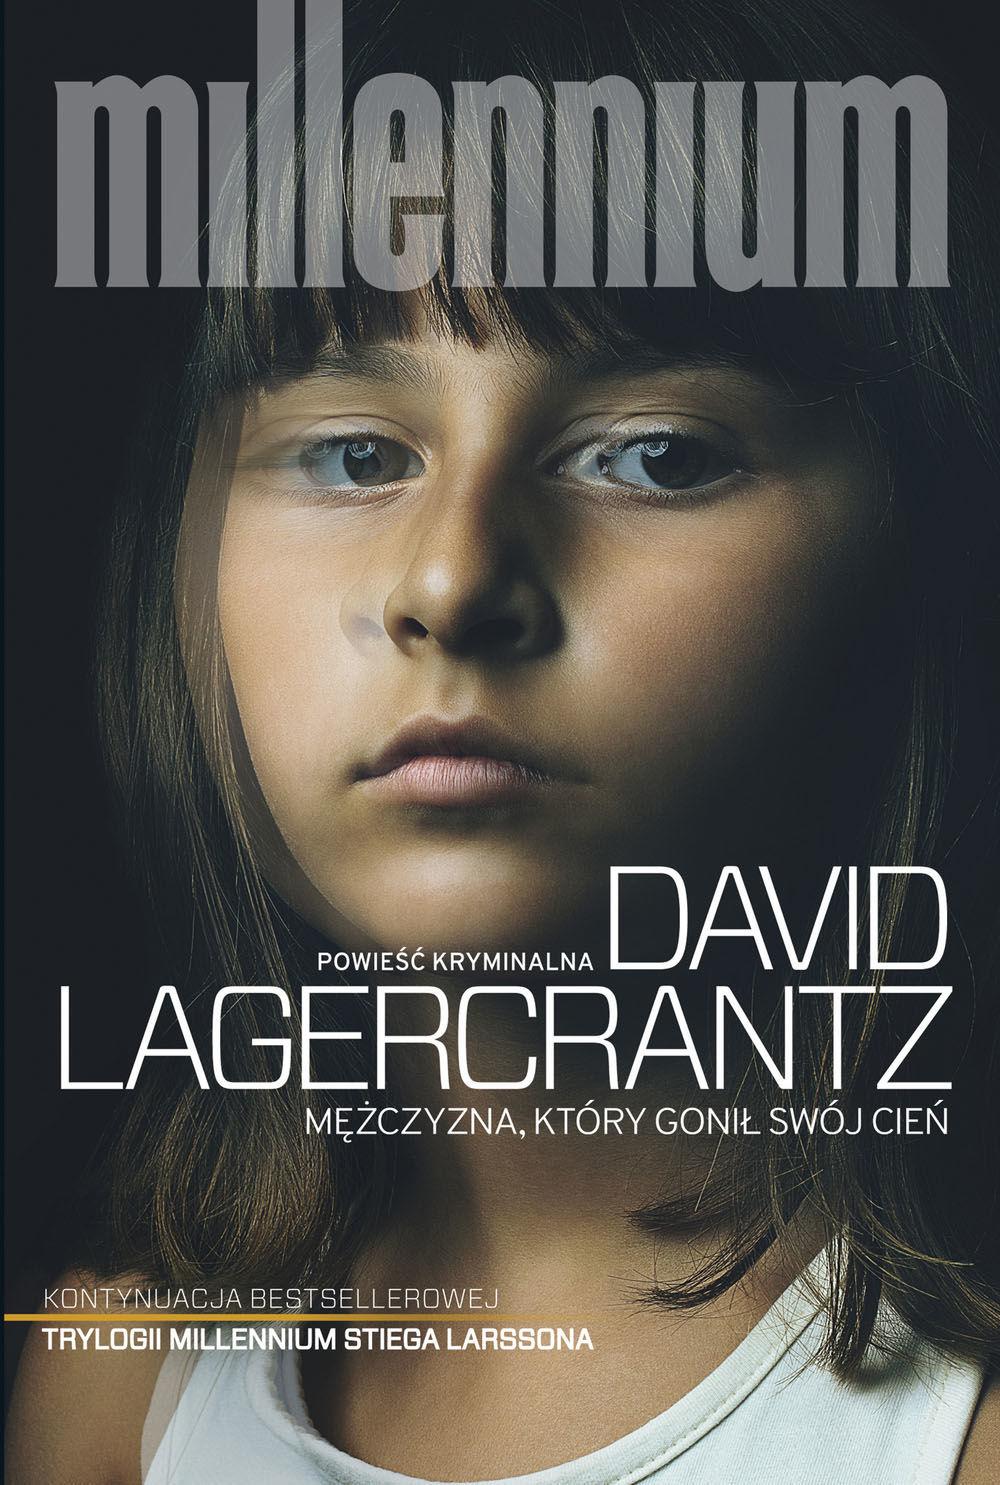 Mężczyzna, który gonił swój cień - David Lagercrantz - ebook